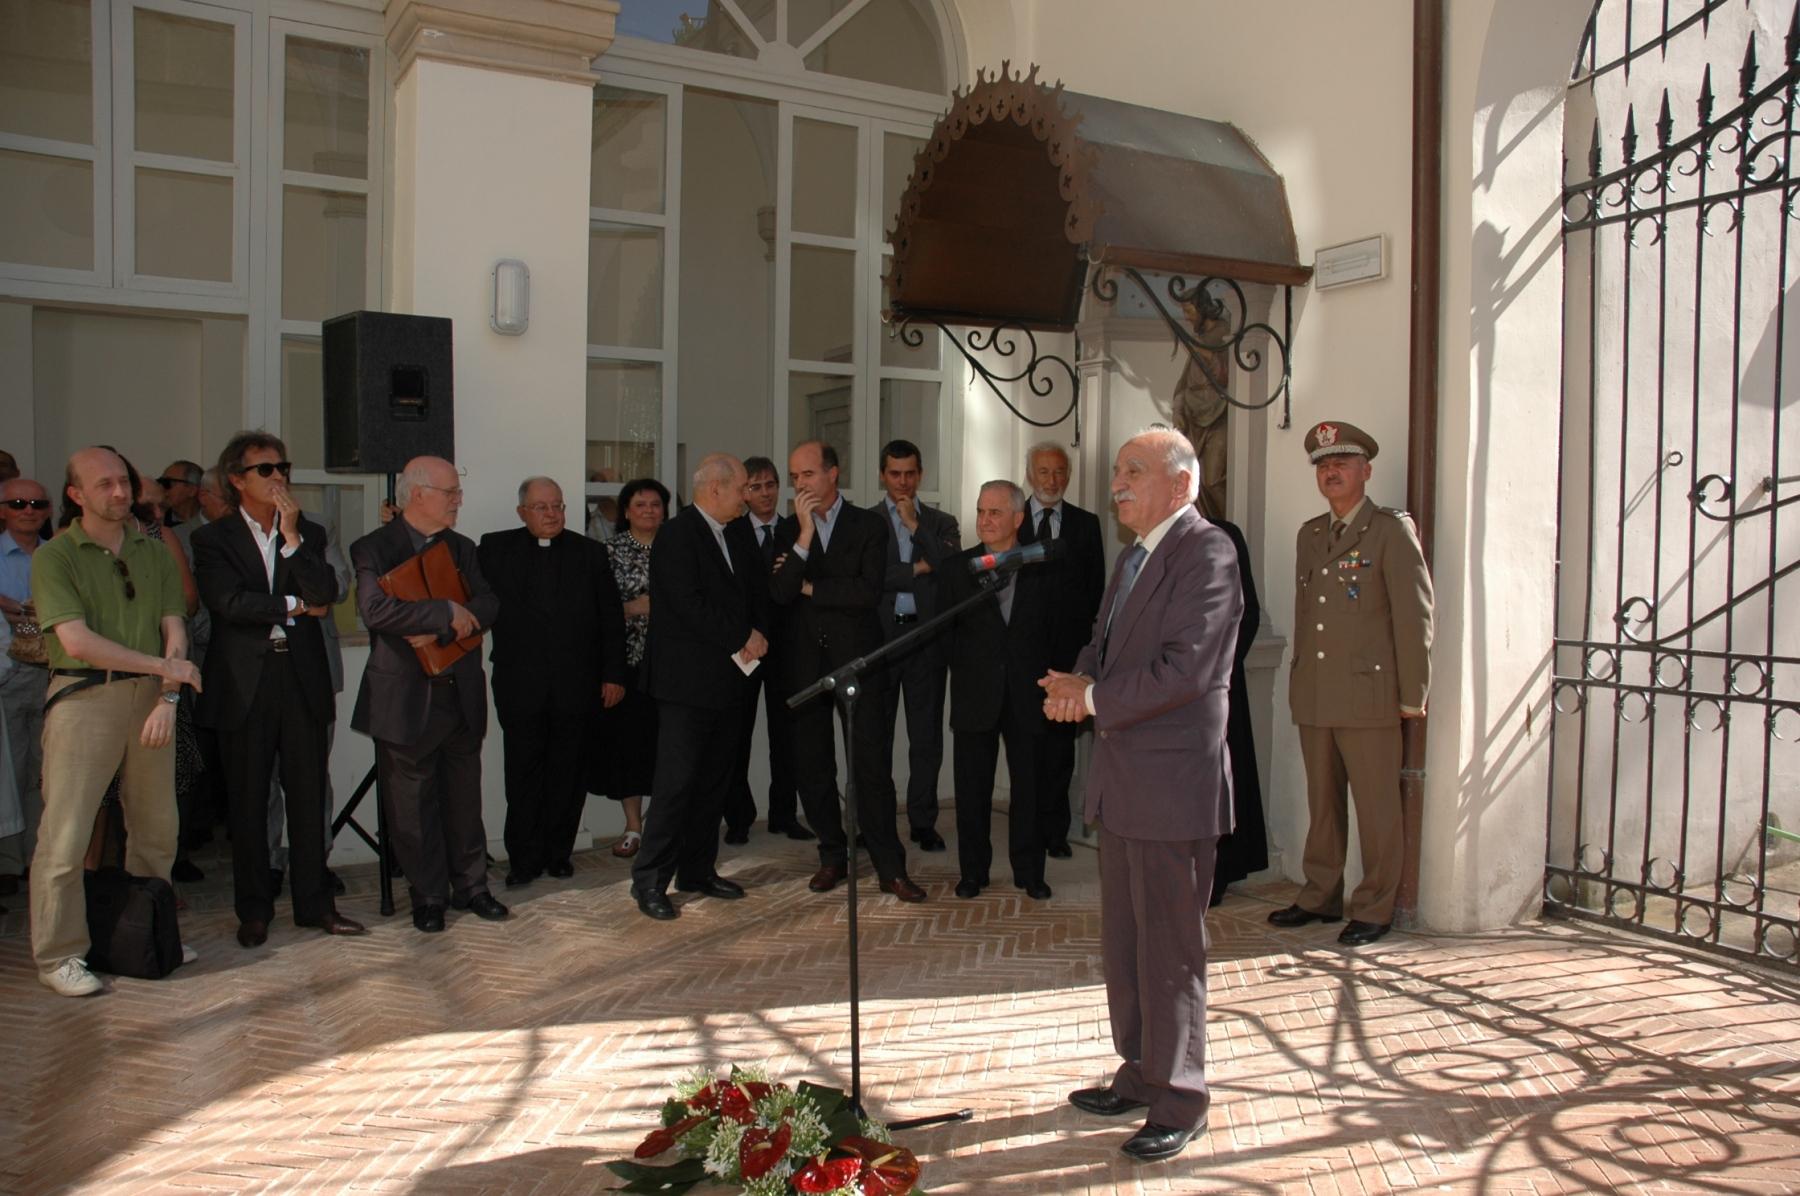 21 giugno 2008. Il sindaco di Foligno Manlio Marini